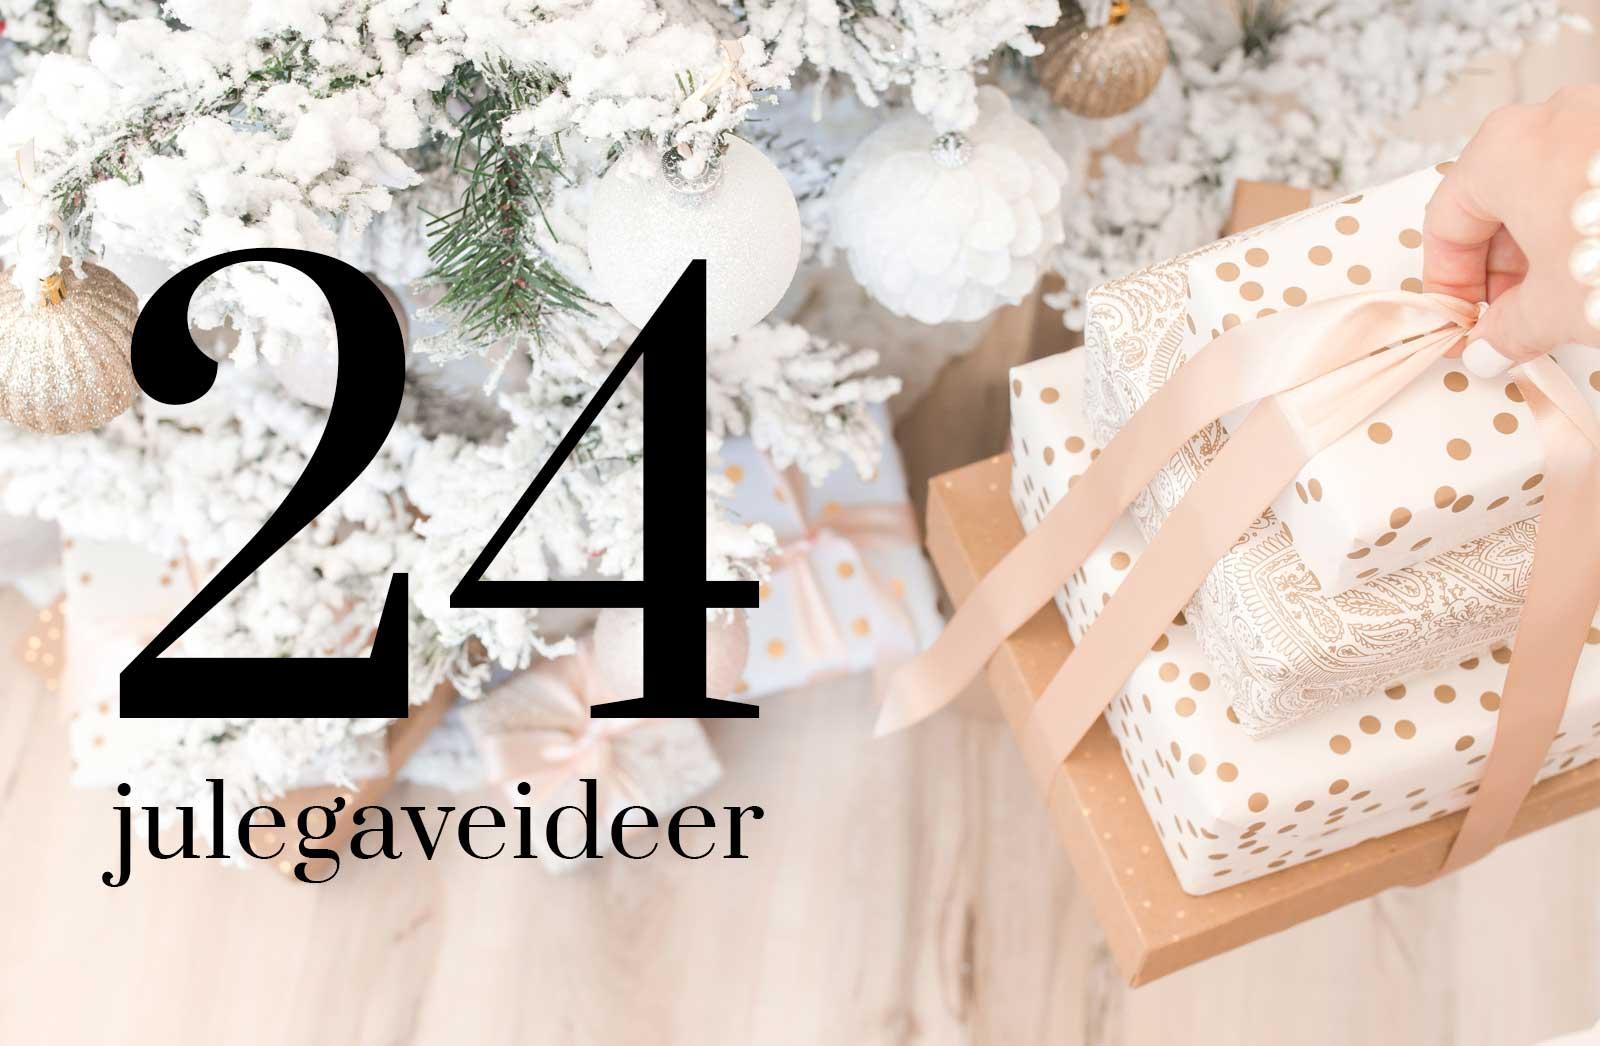 c35b8a8e ☃ 24 julegaveideer til den stilfulde iværksætters ønskeliste